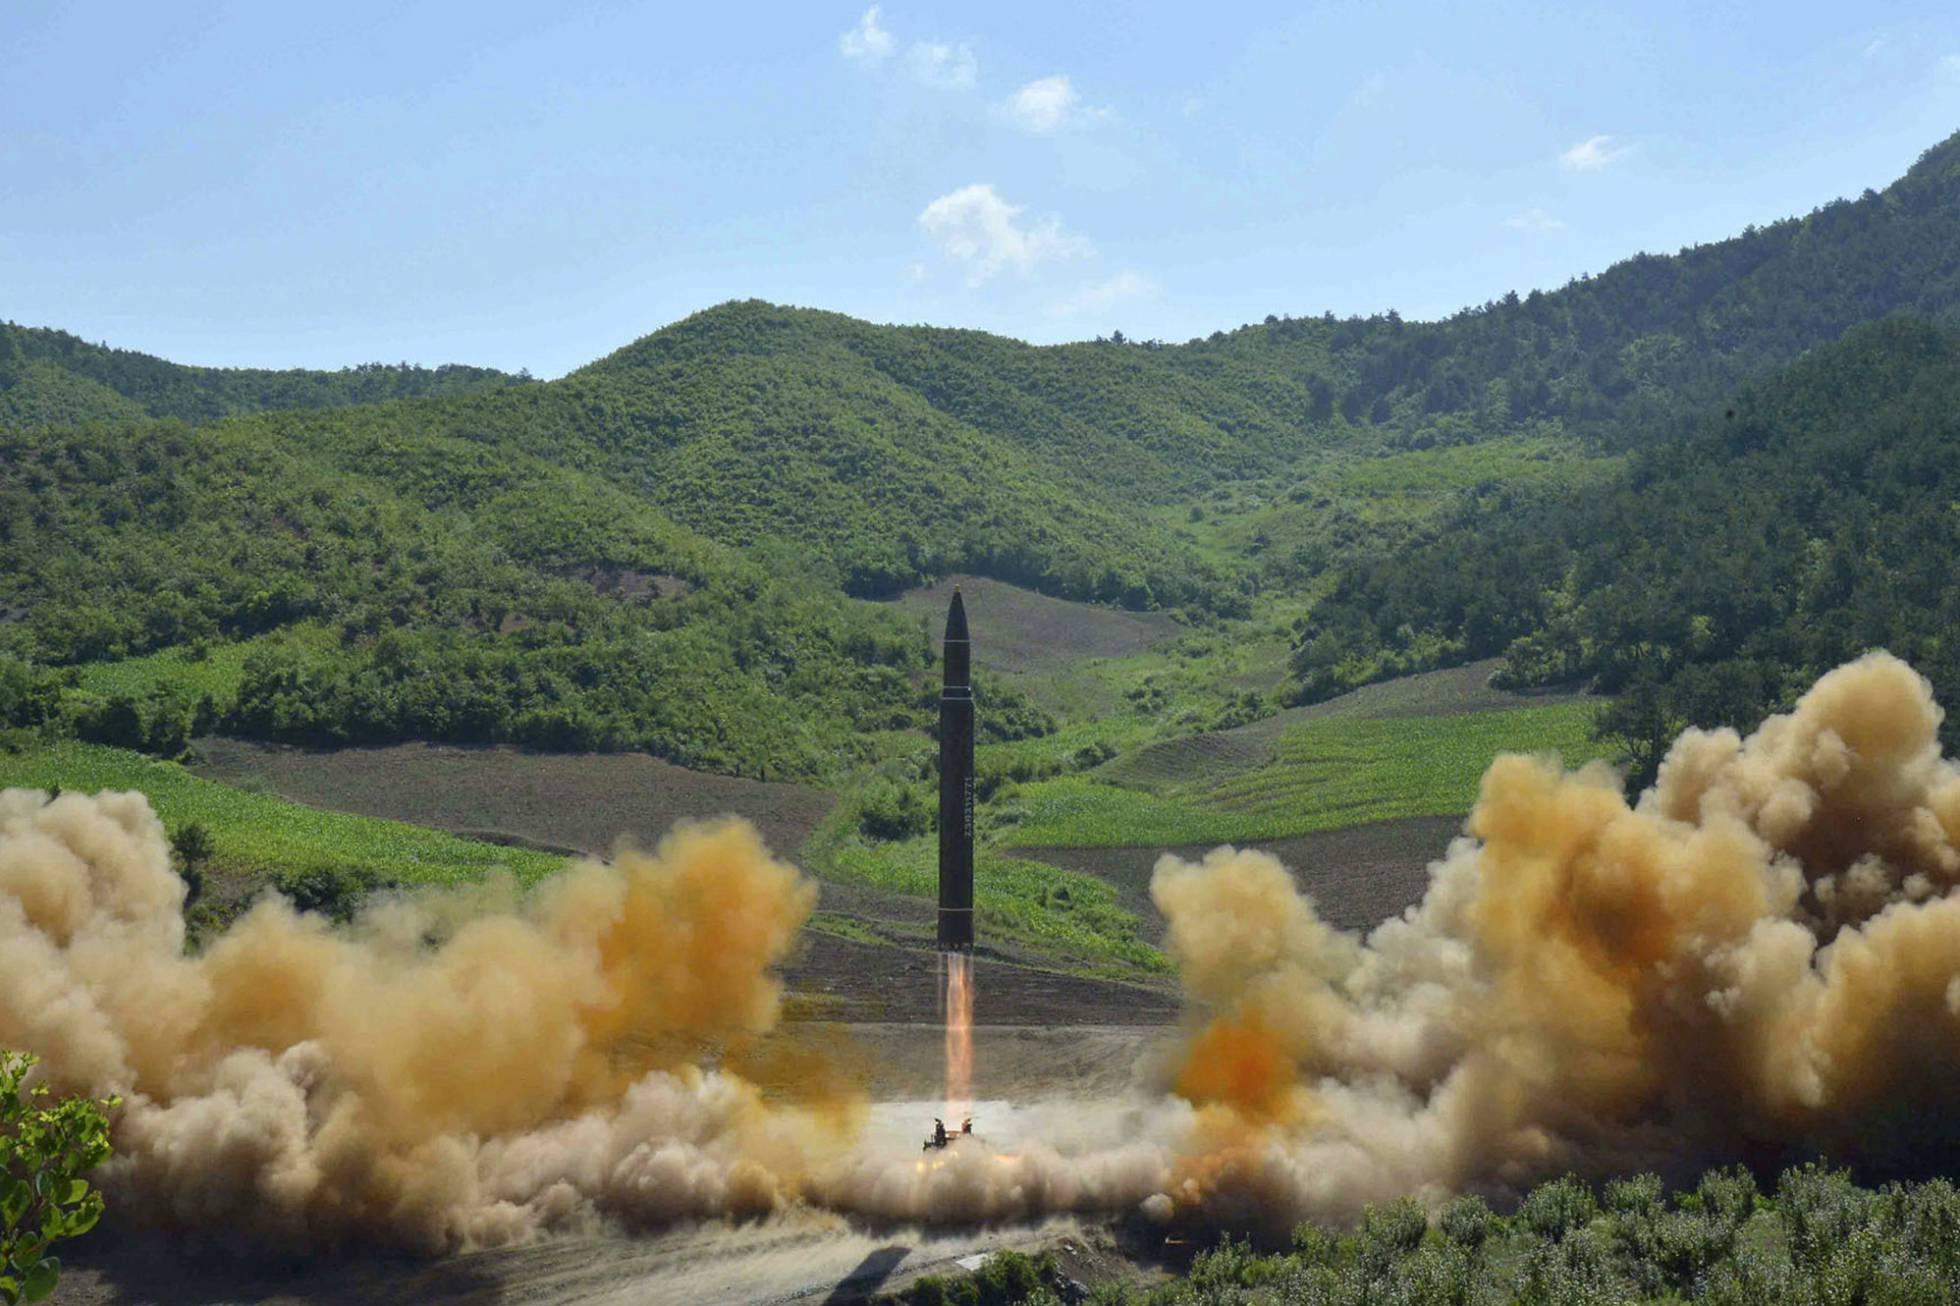 guerra - Corea Del Norte...¿La guerra se acerca? - Página 28 1501256539_923383_1501264626_noticia_normal_recorte1